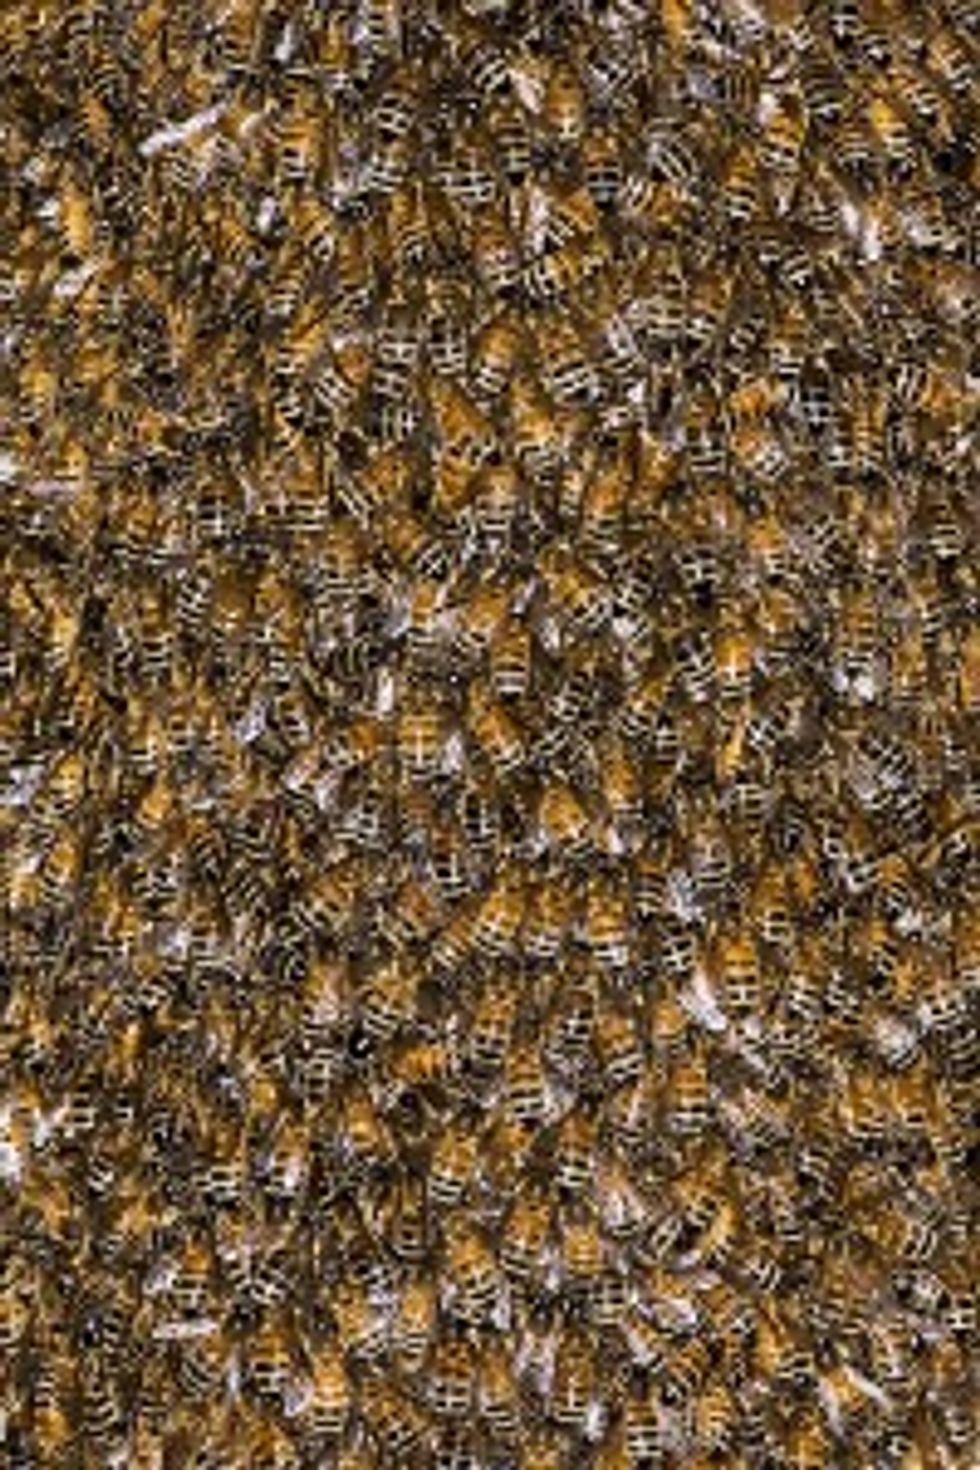 La triste vita delle api